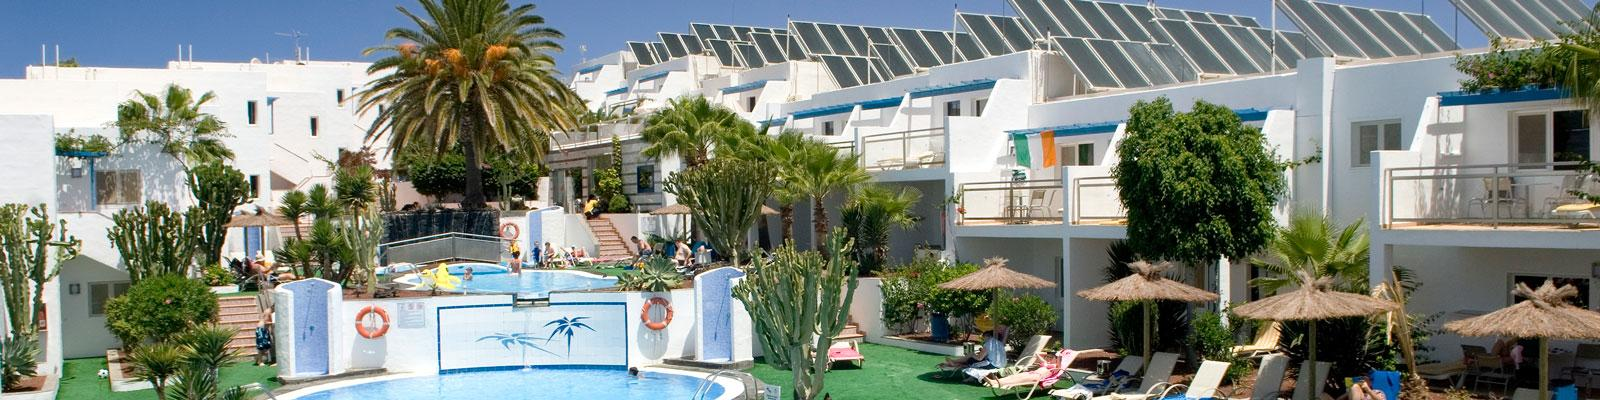 Appartamenti Parque Tropical - Puerto del Carmen Lanzarote